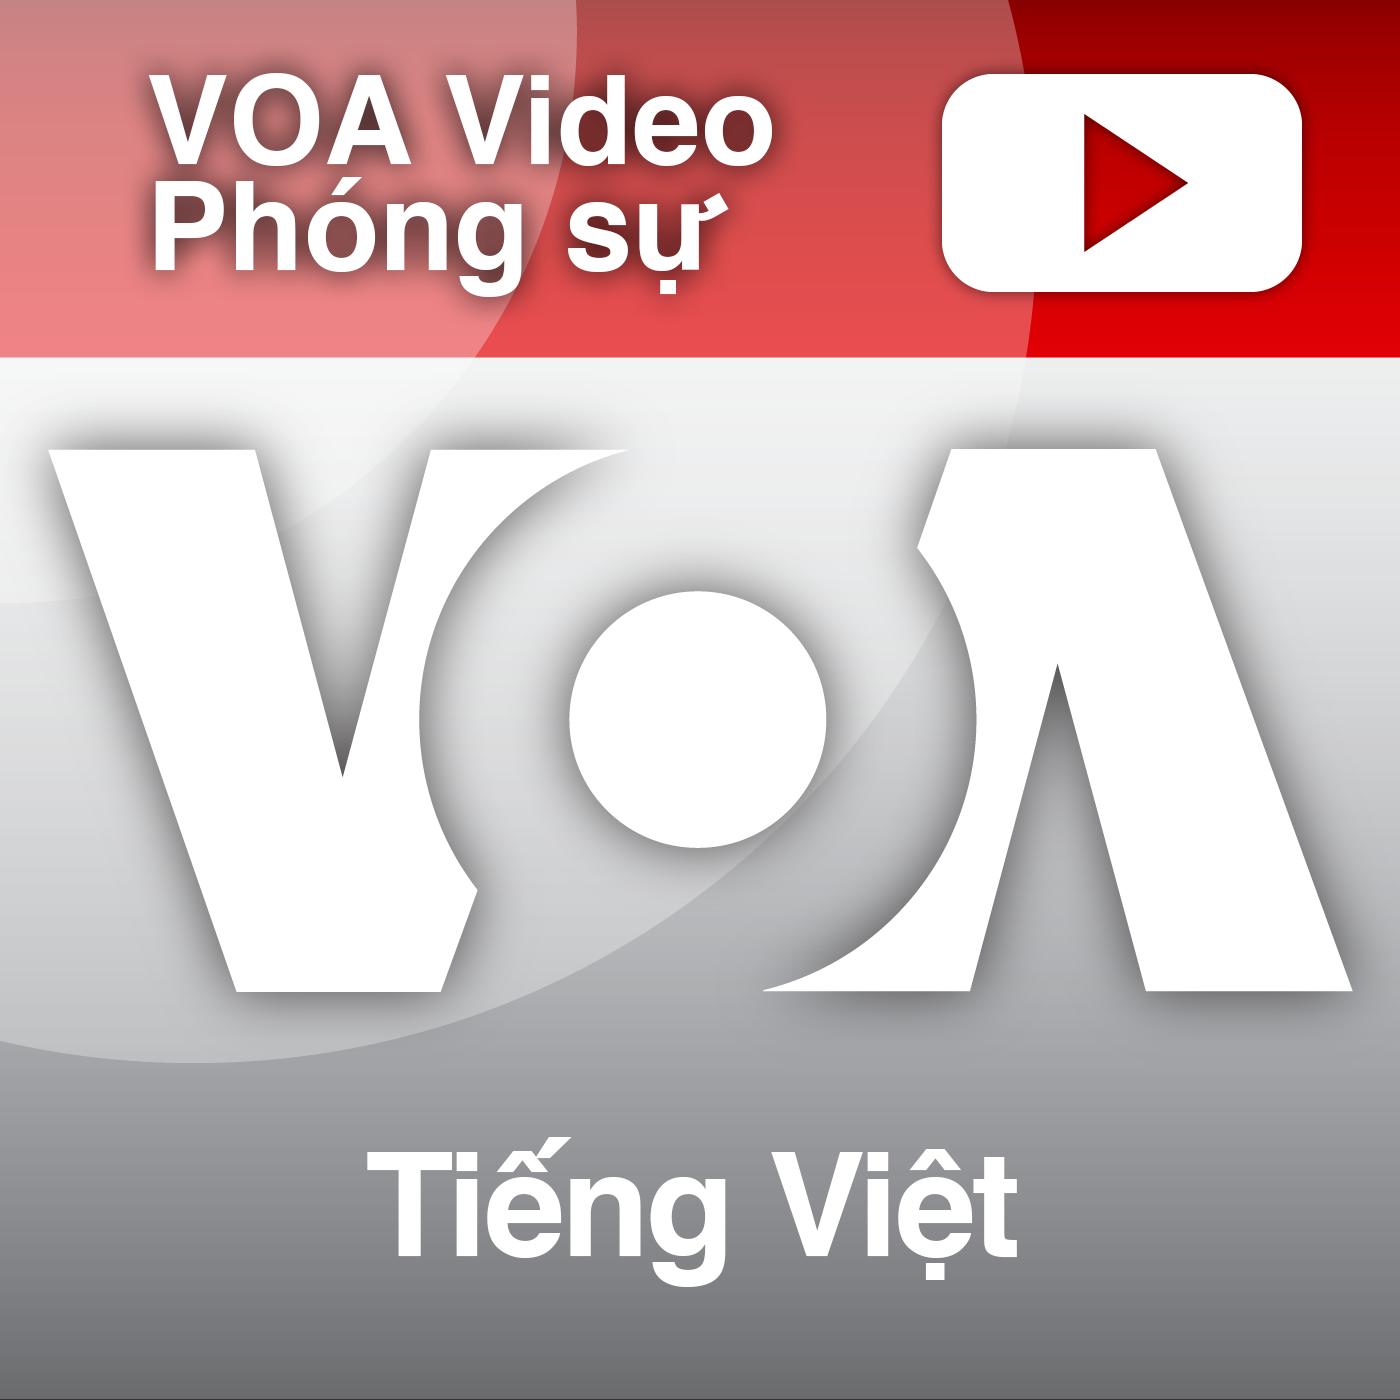 Phóng sự đặc biệt - VOA